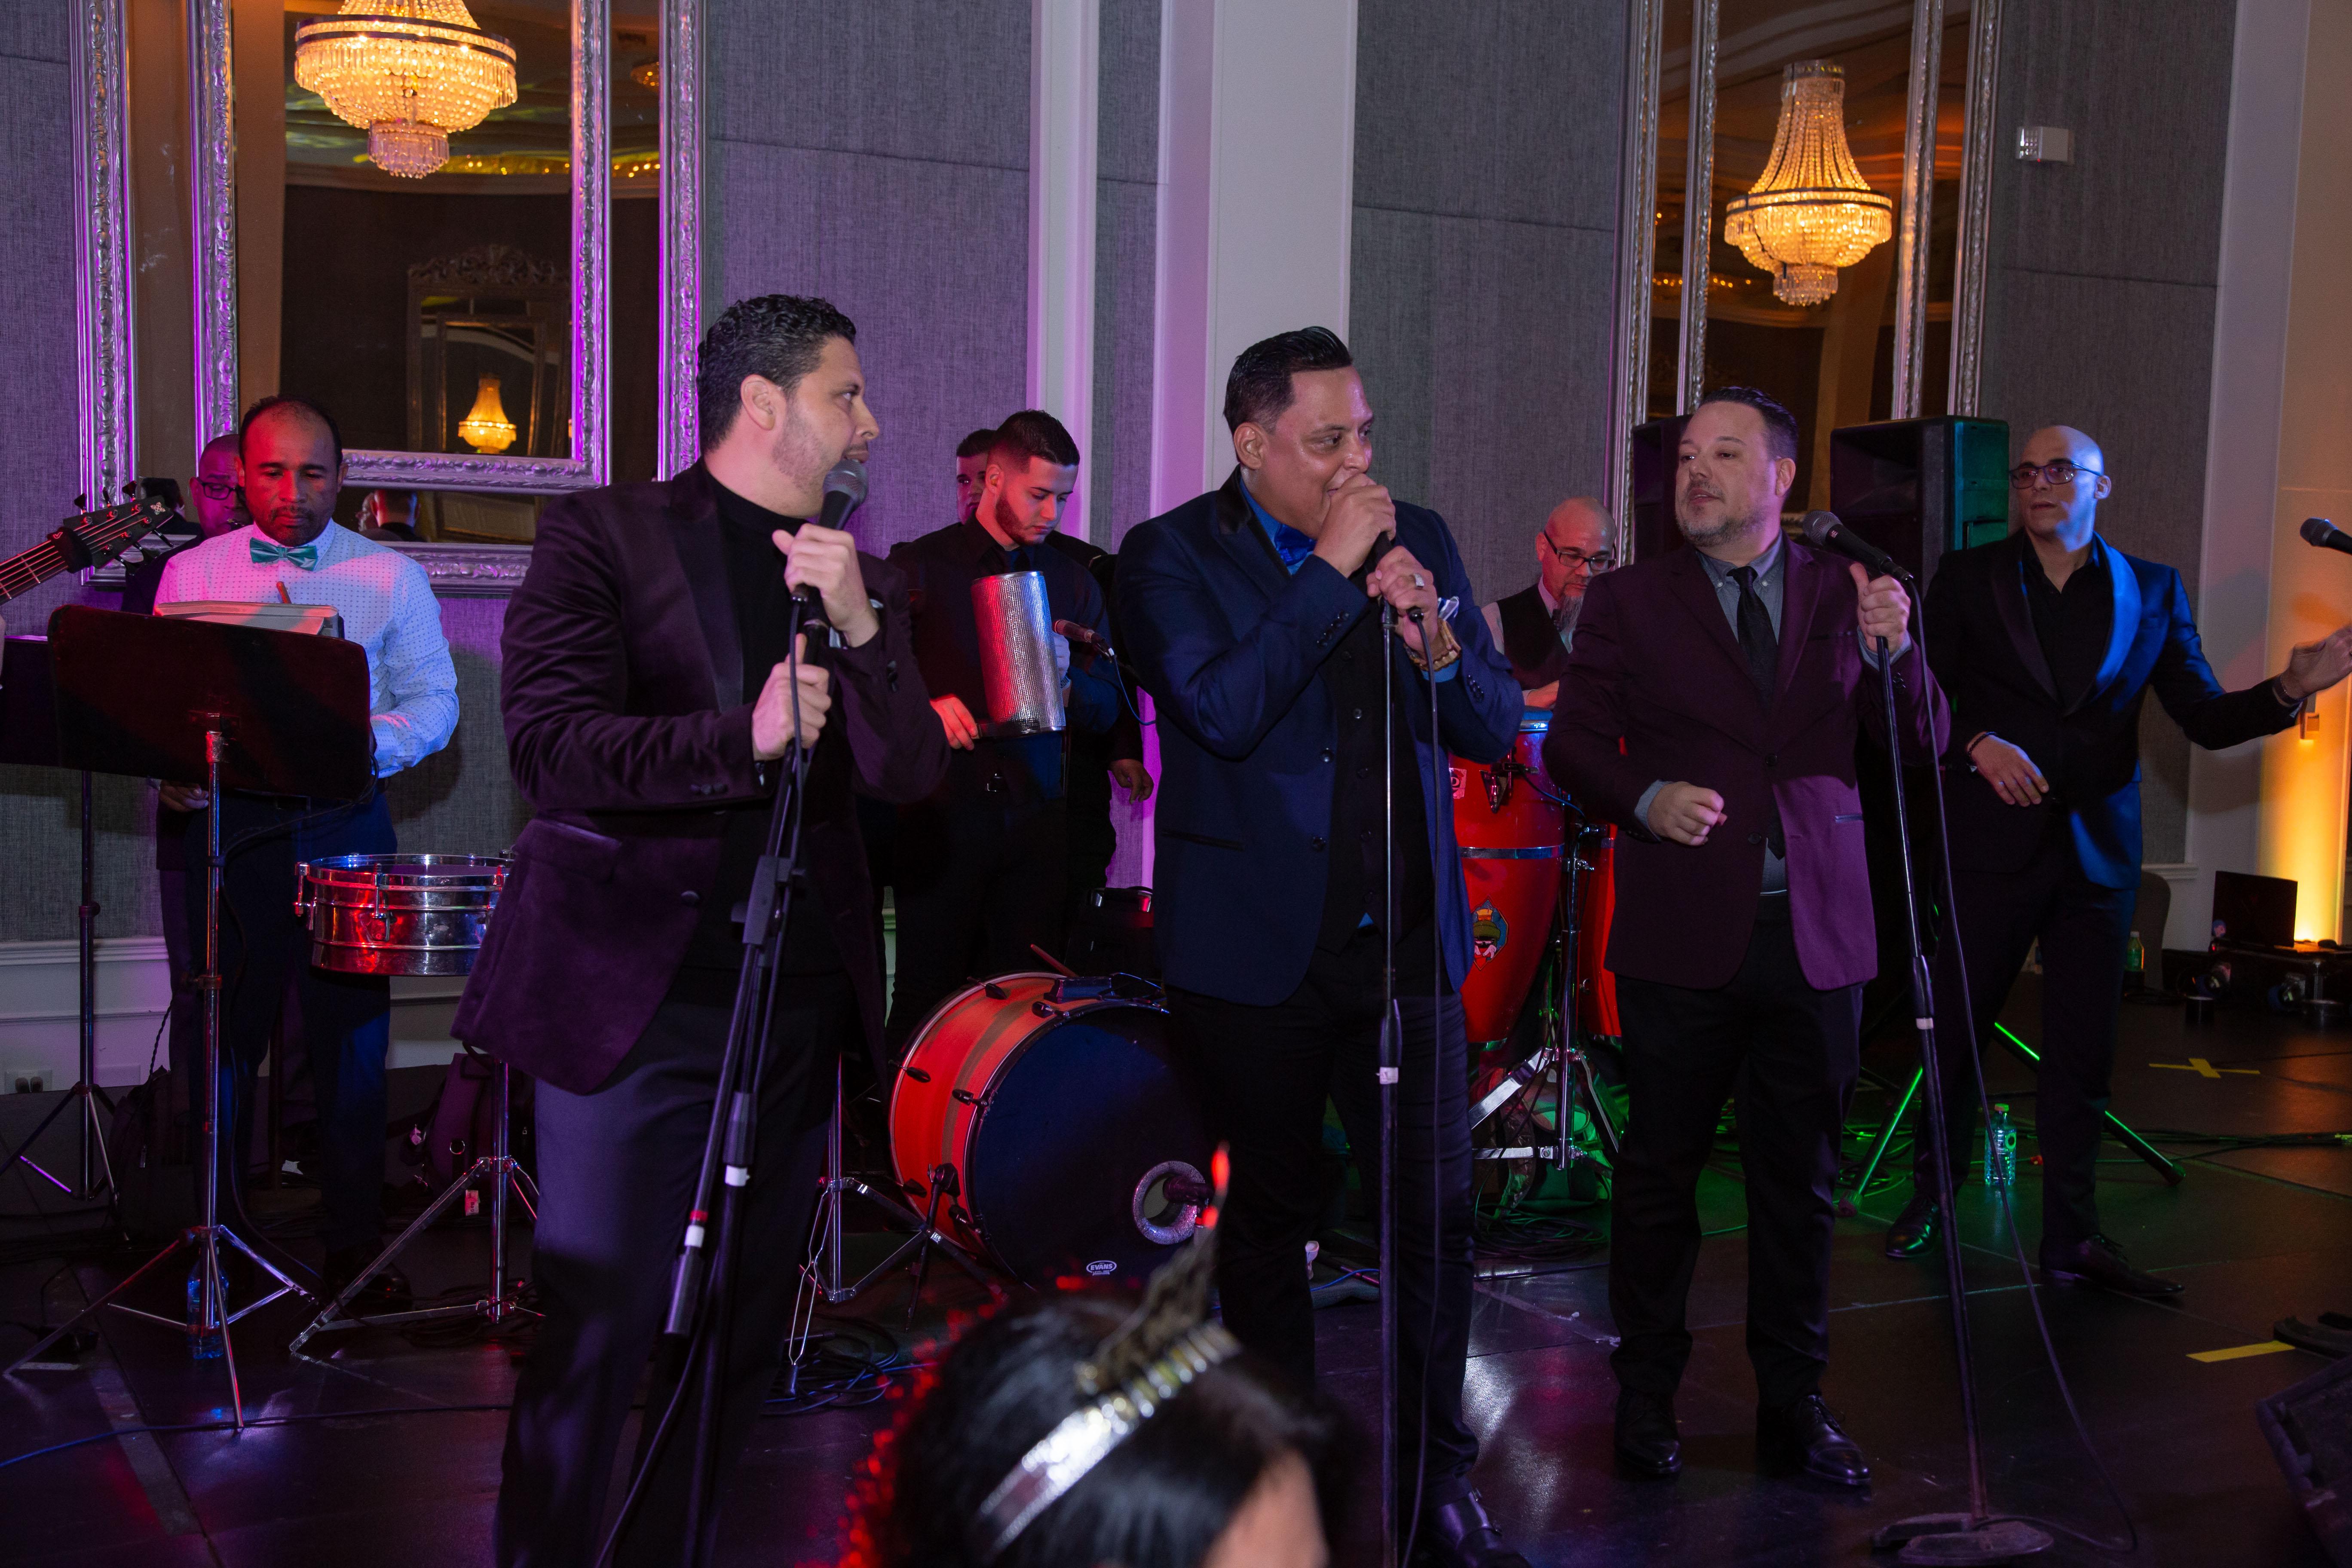 Los presentes disfrutaron y bailaron con la música de  Límite 21, la Banda 12AM y DJs invitados. (Suministrada)